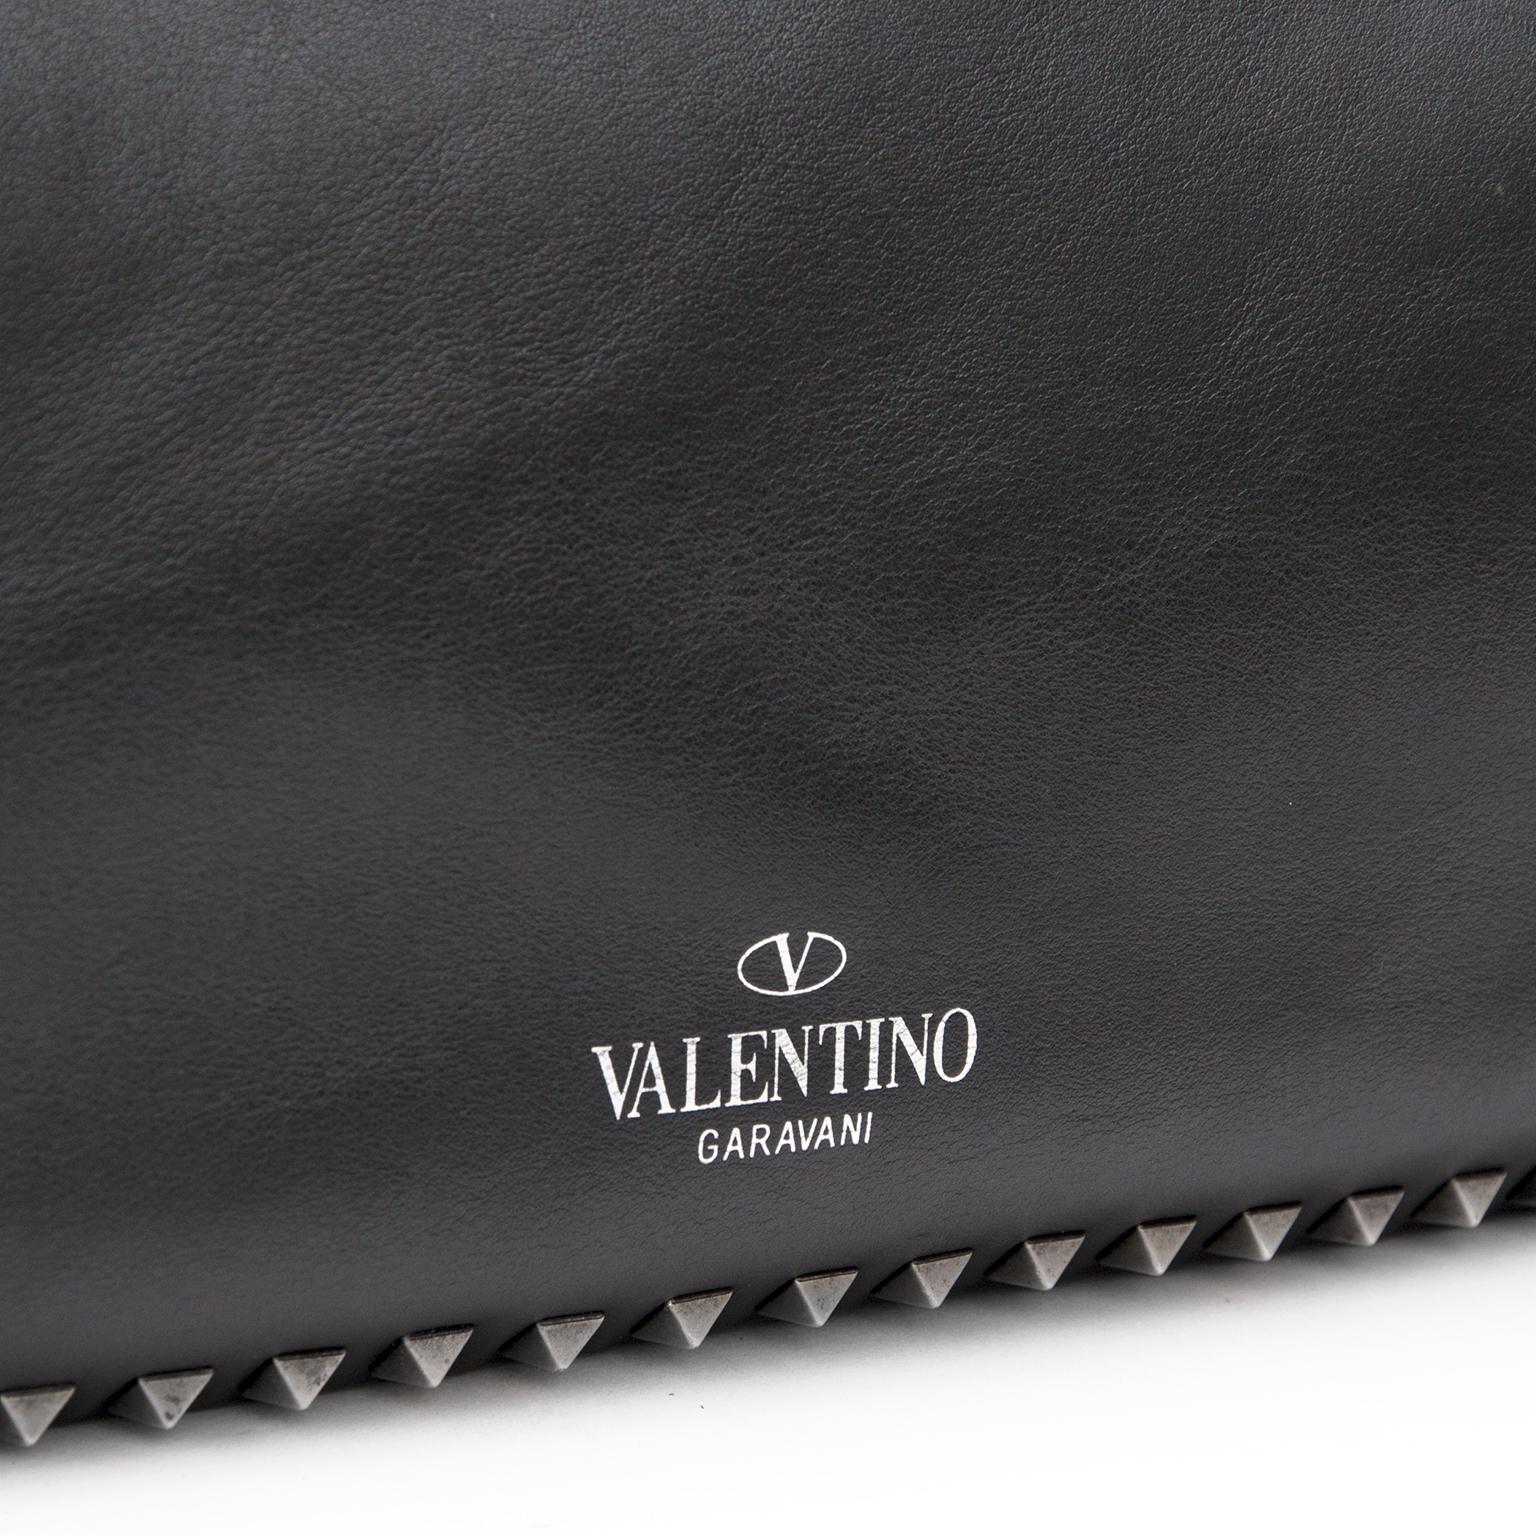 Valentino Rockstud Tote Medium Black tweedehands luxe tassen moet u bij Labellov zijn. De online platform voor luxe goederen biedt een veilige en betrouwbare winkelervaring voor handbag lovers.